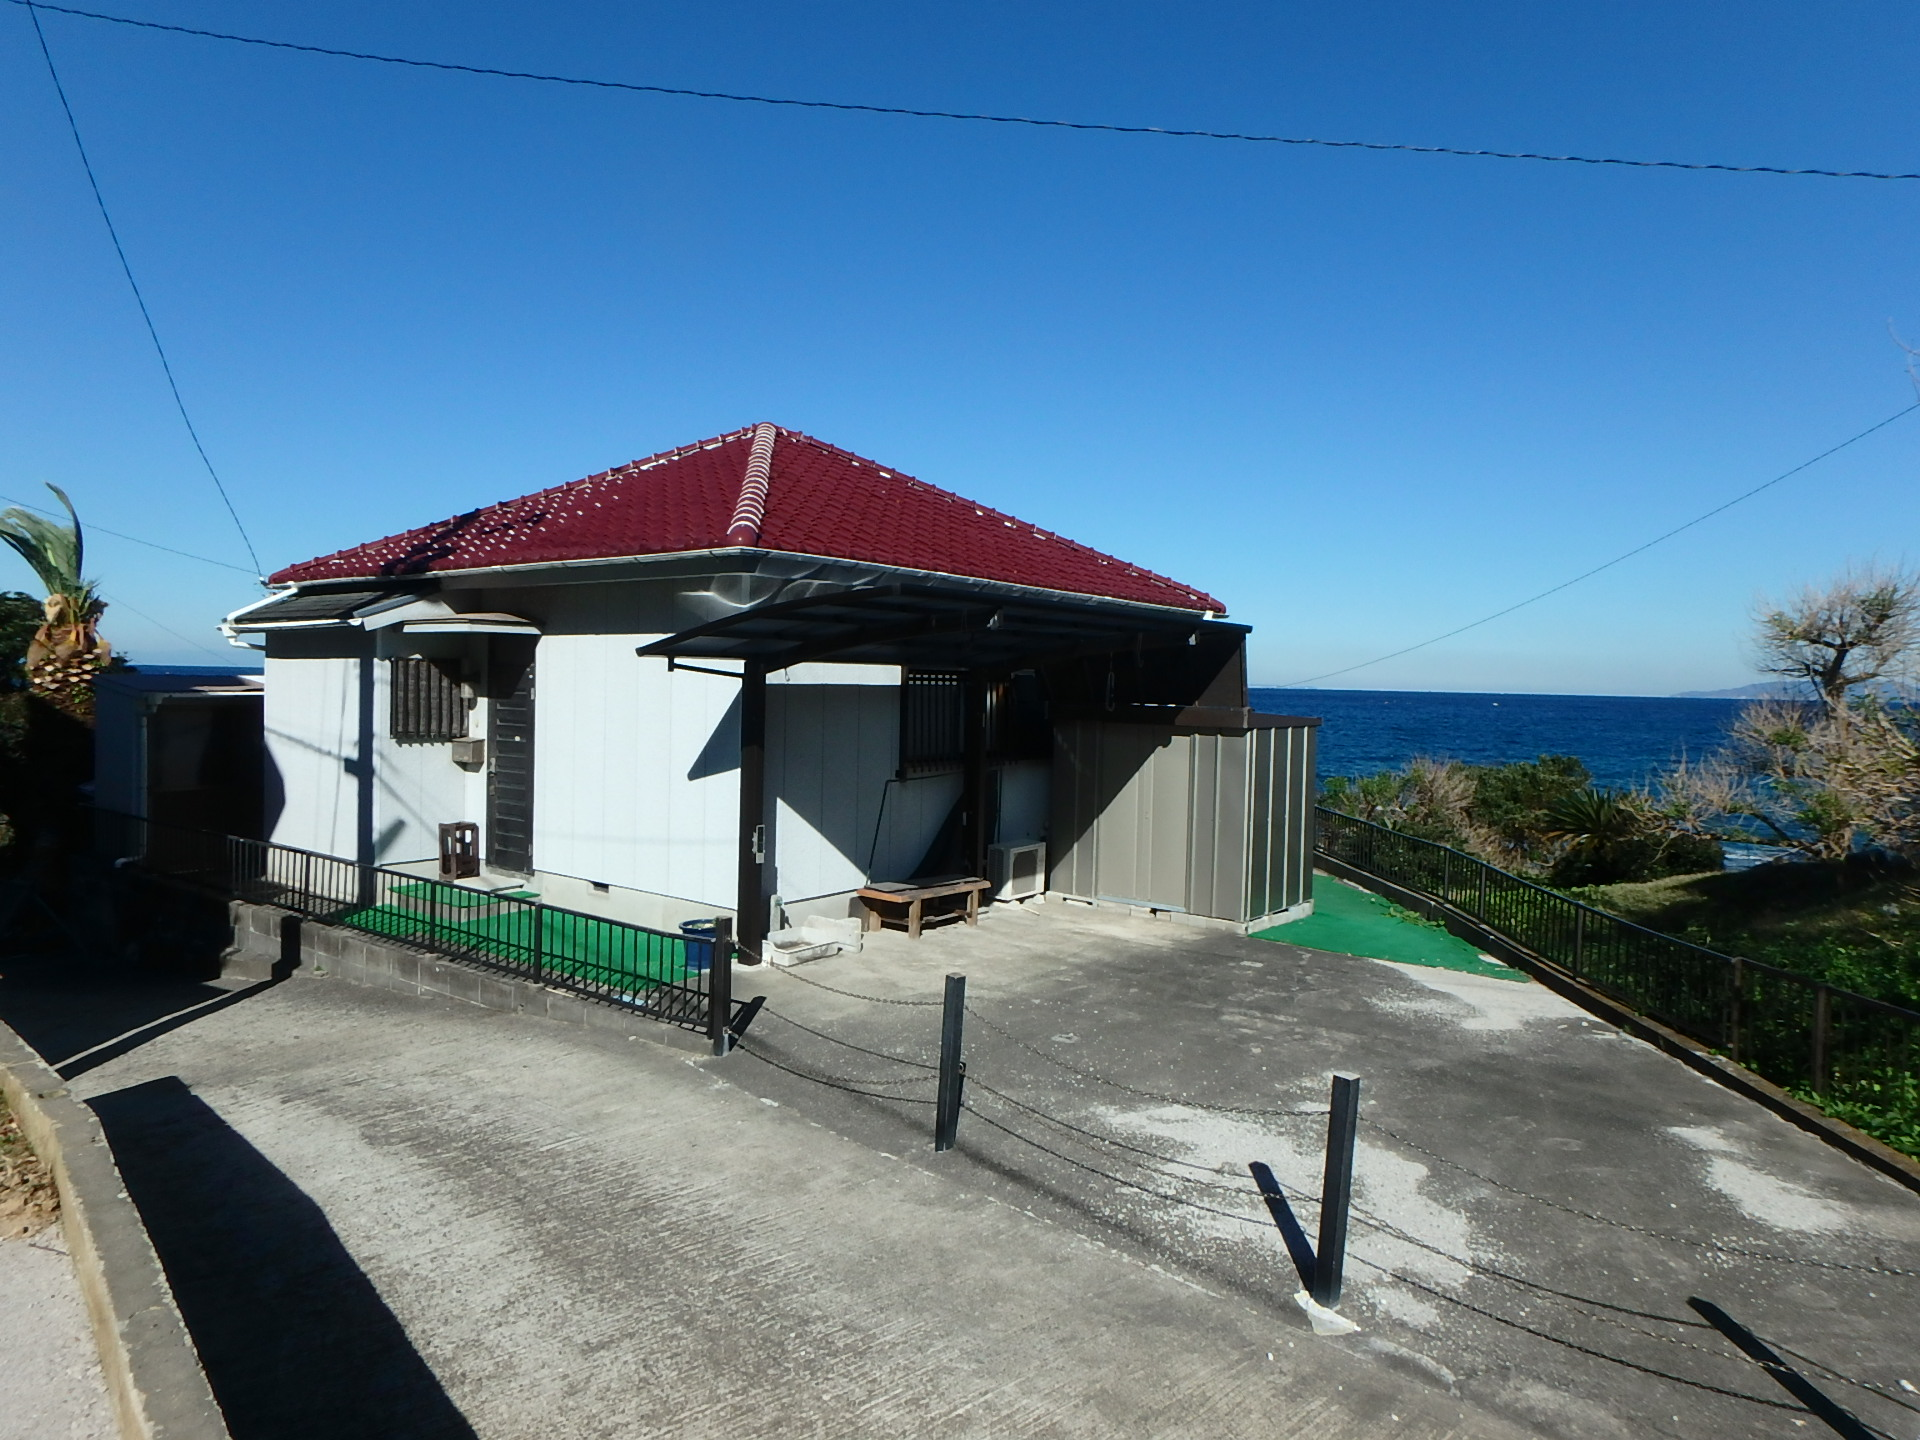 千葉県館山市波左間の海沿い物件 海が前の戸建て